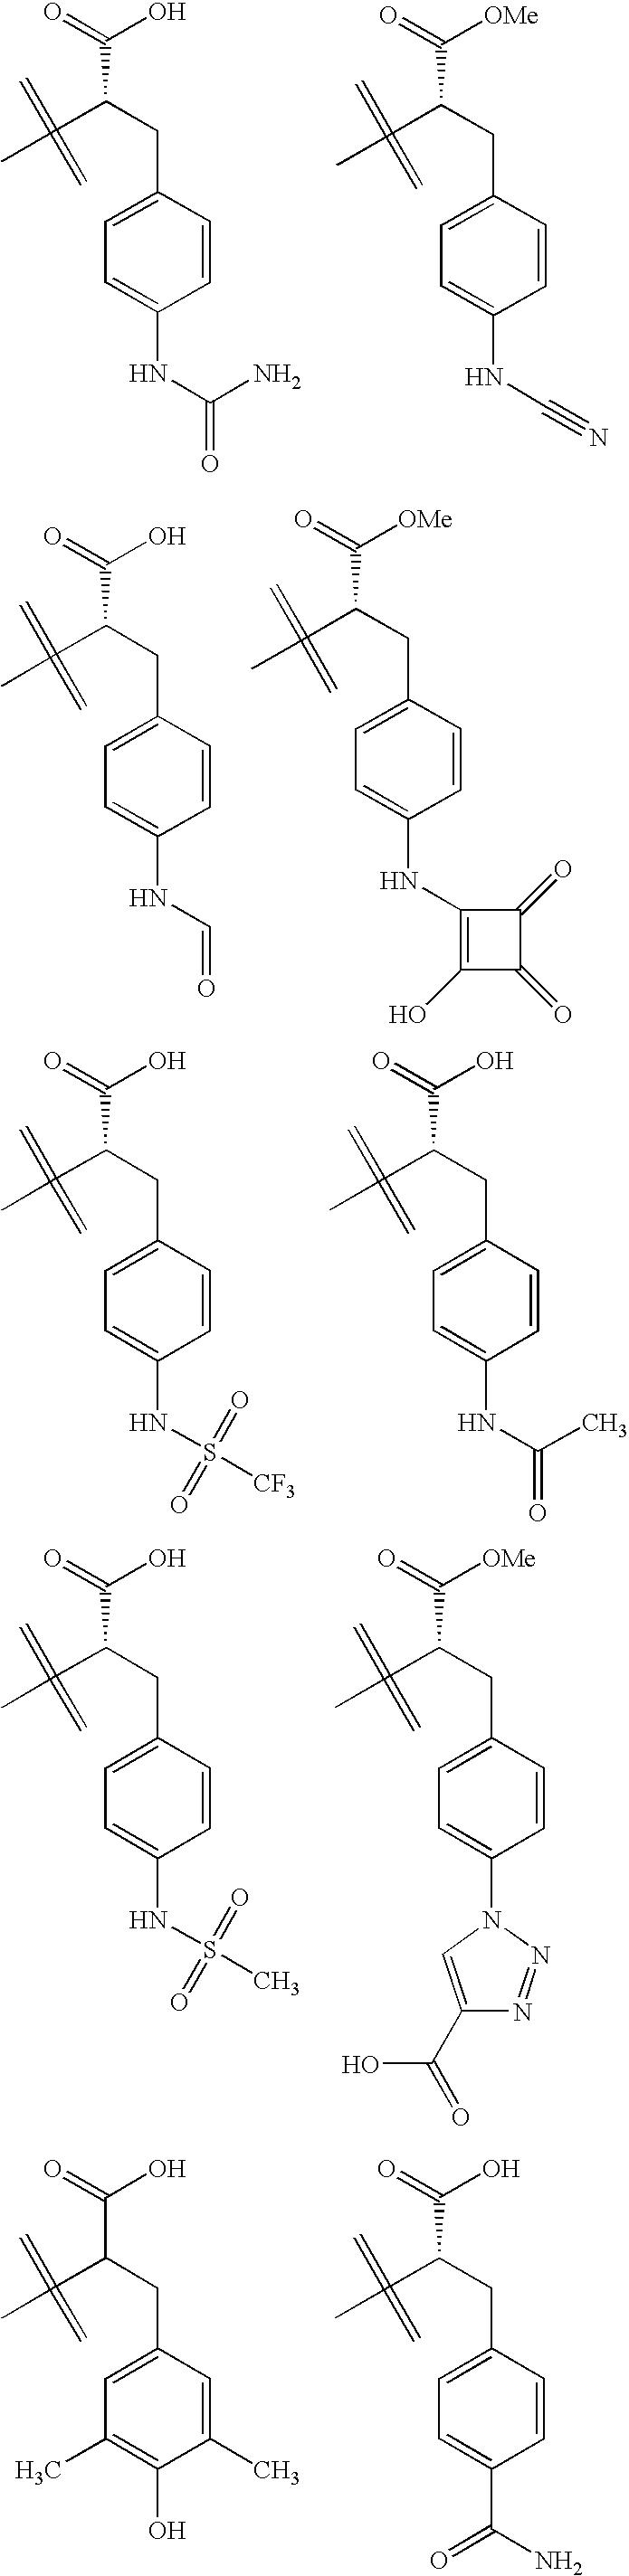 Figure US20070049593A1-20070301-C00129